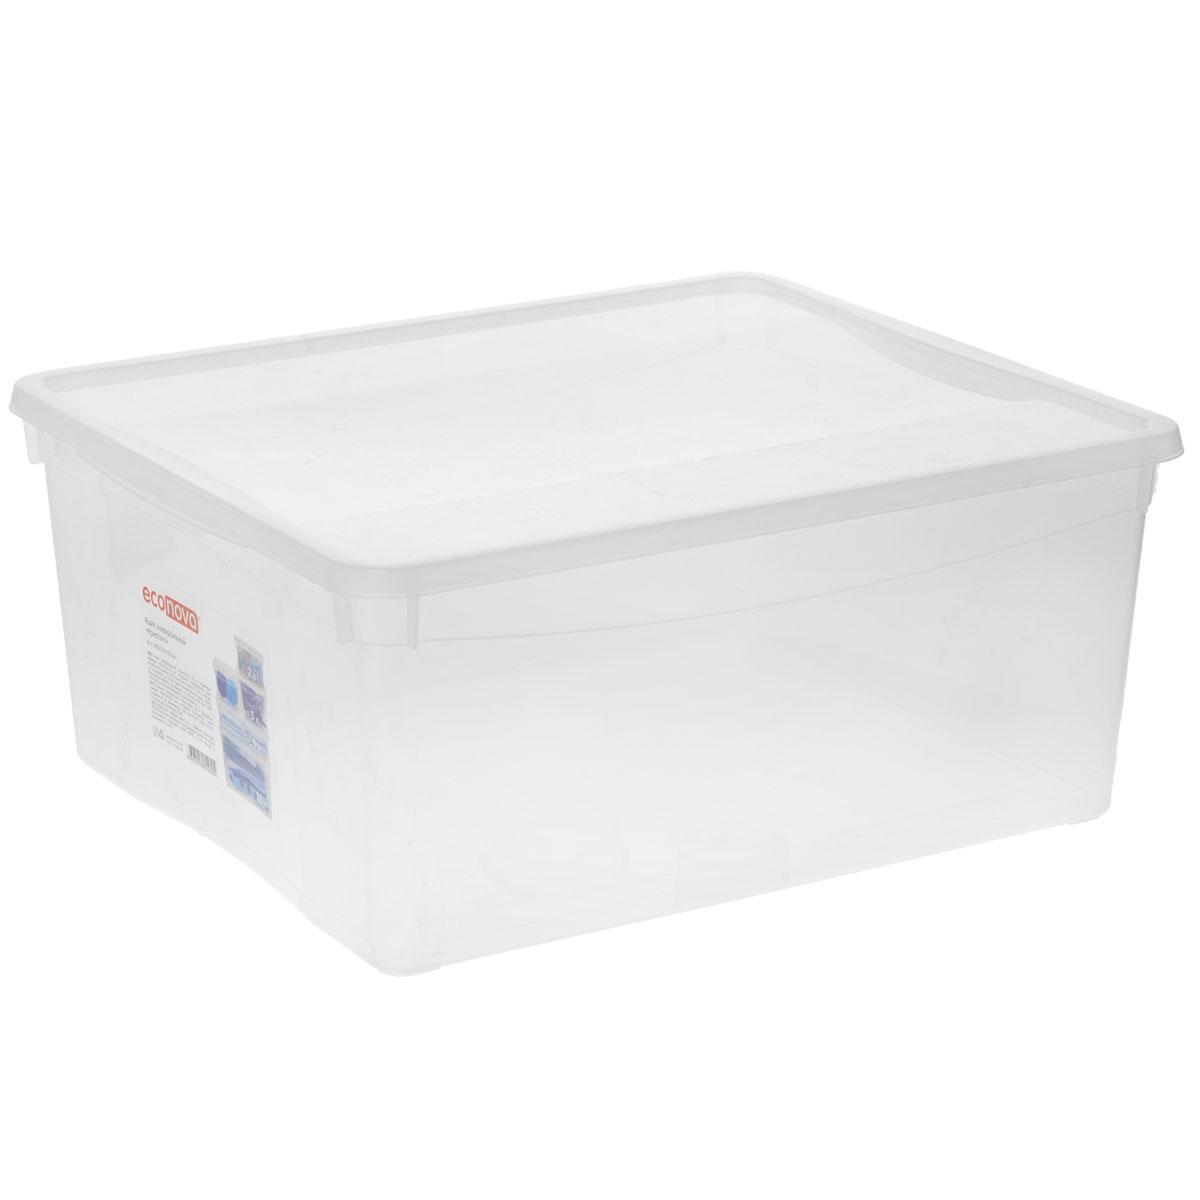 Ящик универсальный Econova Кристалл, 40 х 33,5 х 17 смС12493Прямоугольный ящик Econova Кристалл выполнен из высококачественного прозрачного полипропилена. Ящик плотно закрывается крышкой и оснащен ручками. Подходит для хранения одежды и различных бытовых вещей. Ящик Econova Кристалл очень вместителен и поможет вам хранить все необходимое в одном месте. Объем: 18 л.